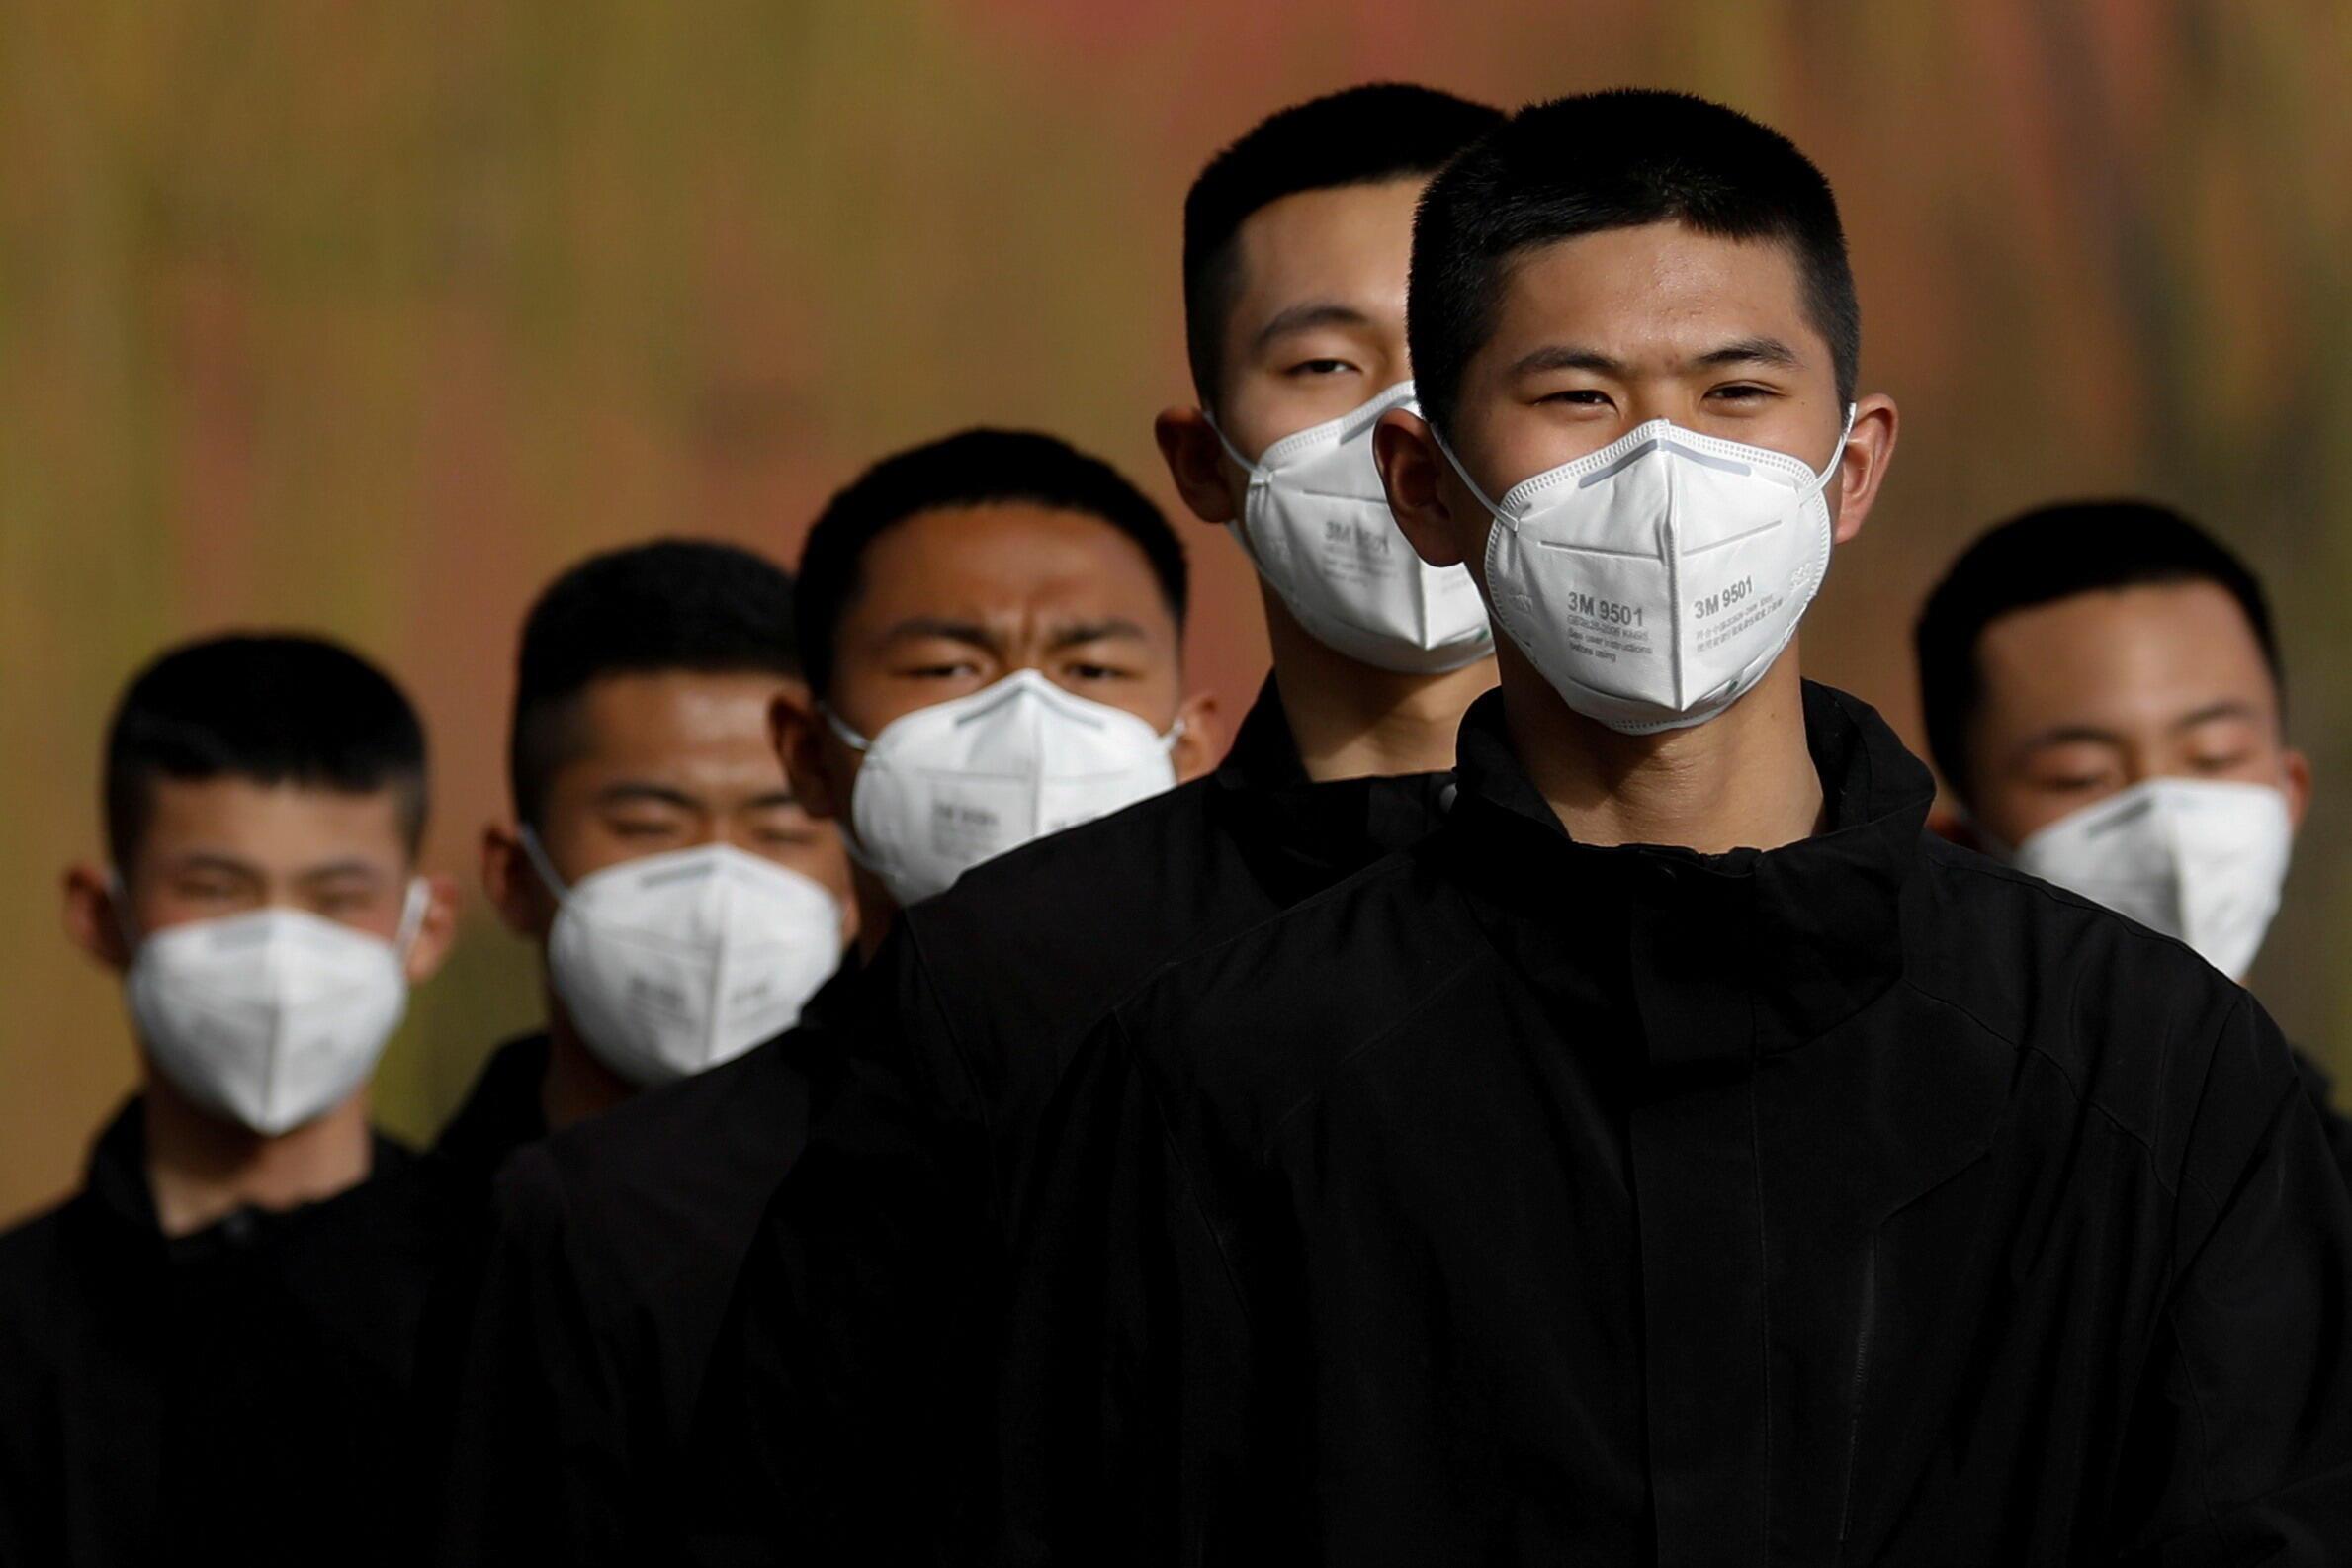 Chine - coronavirus - Cité interdite